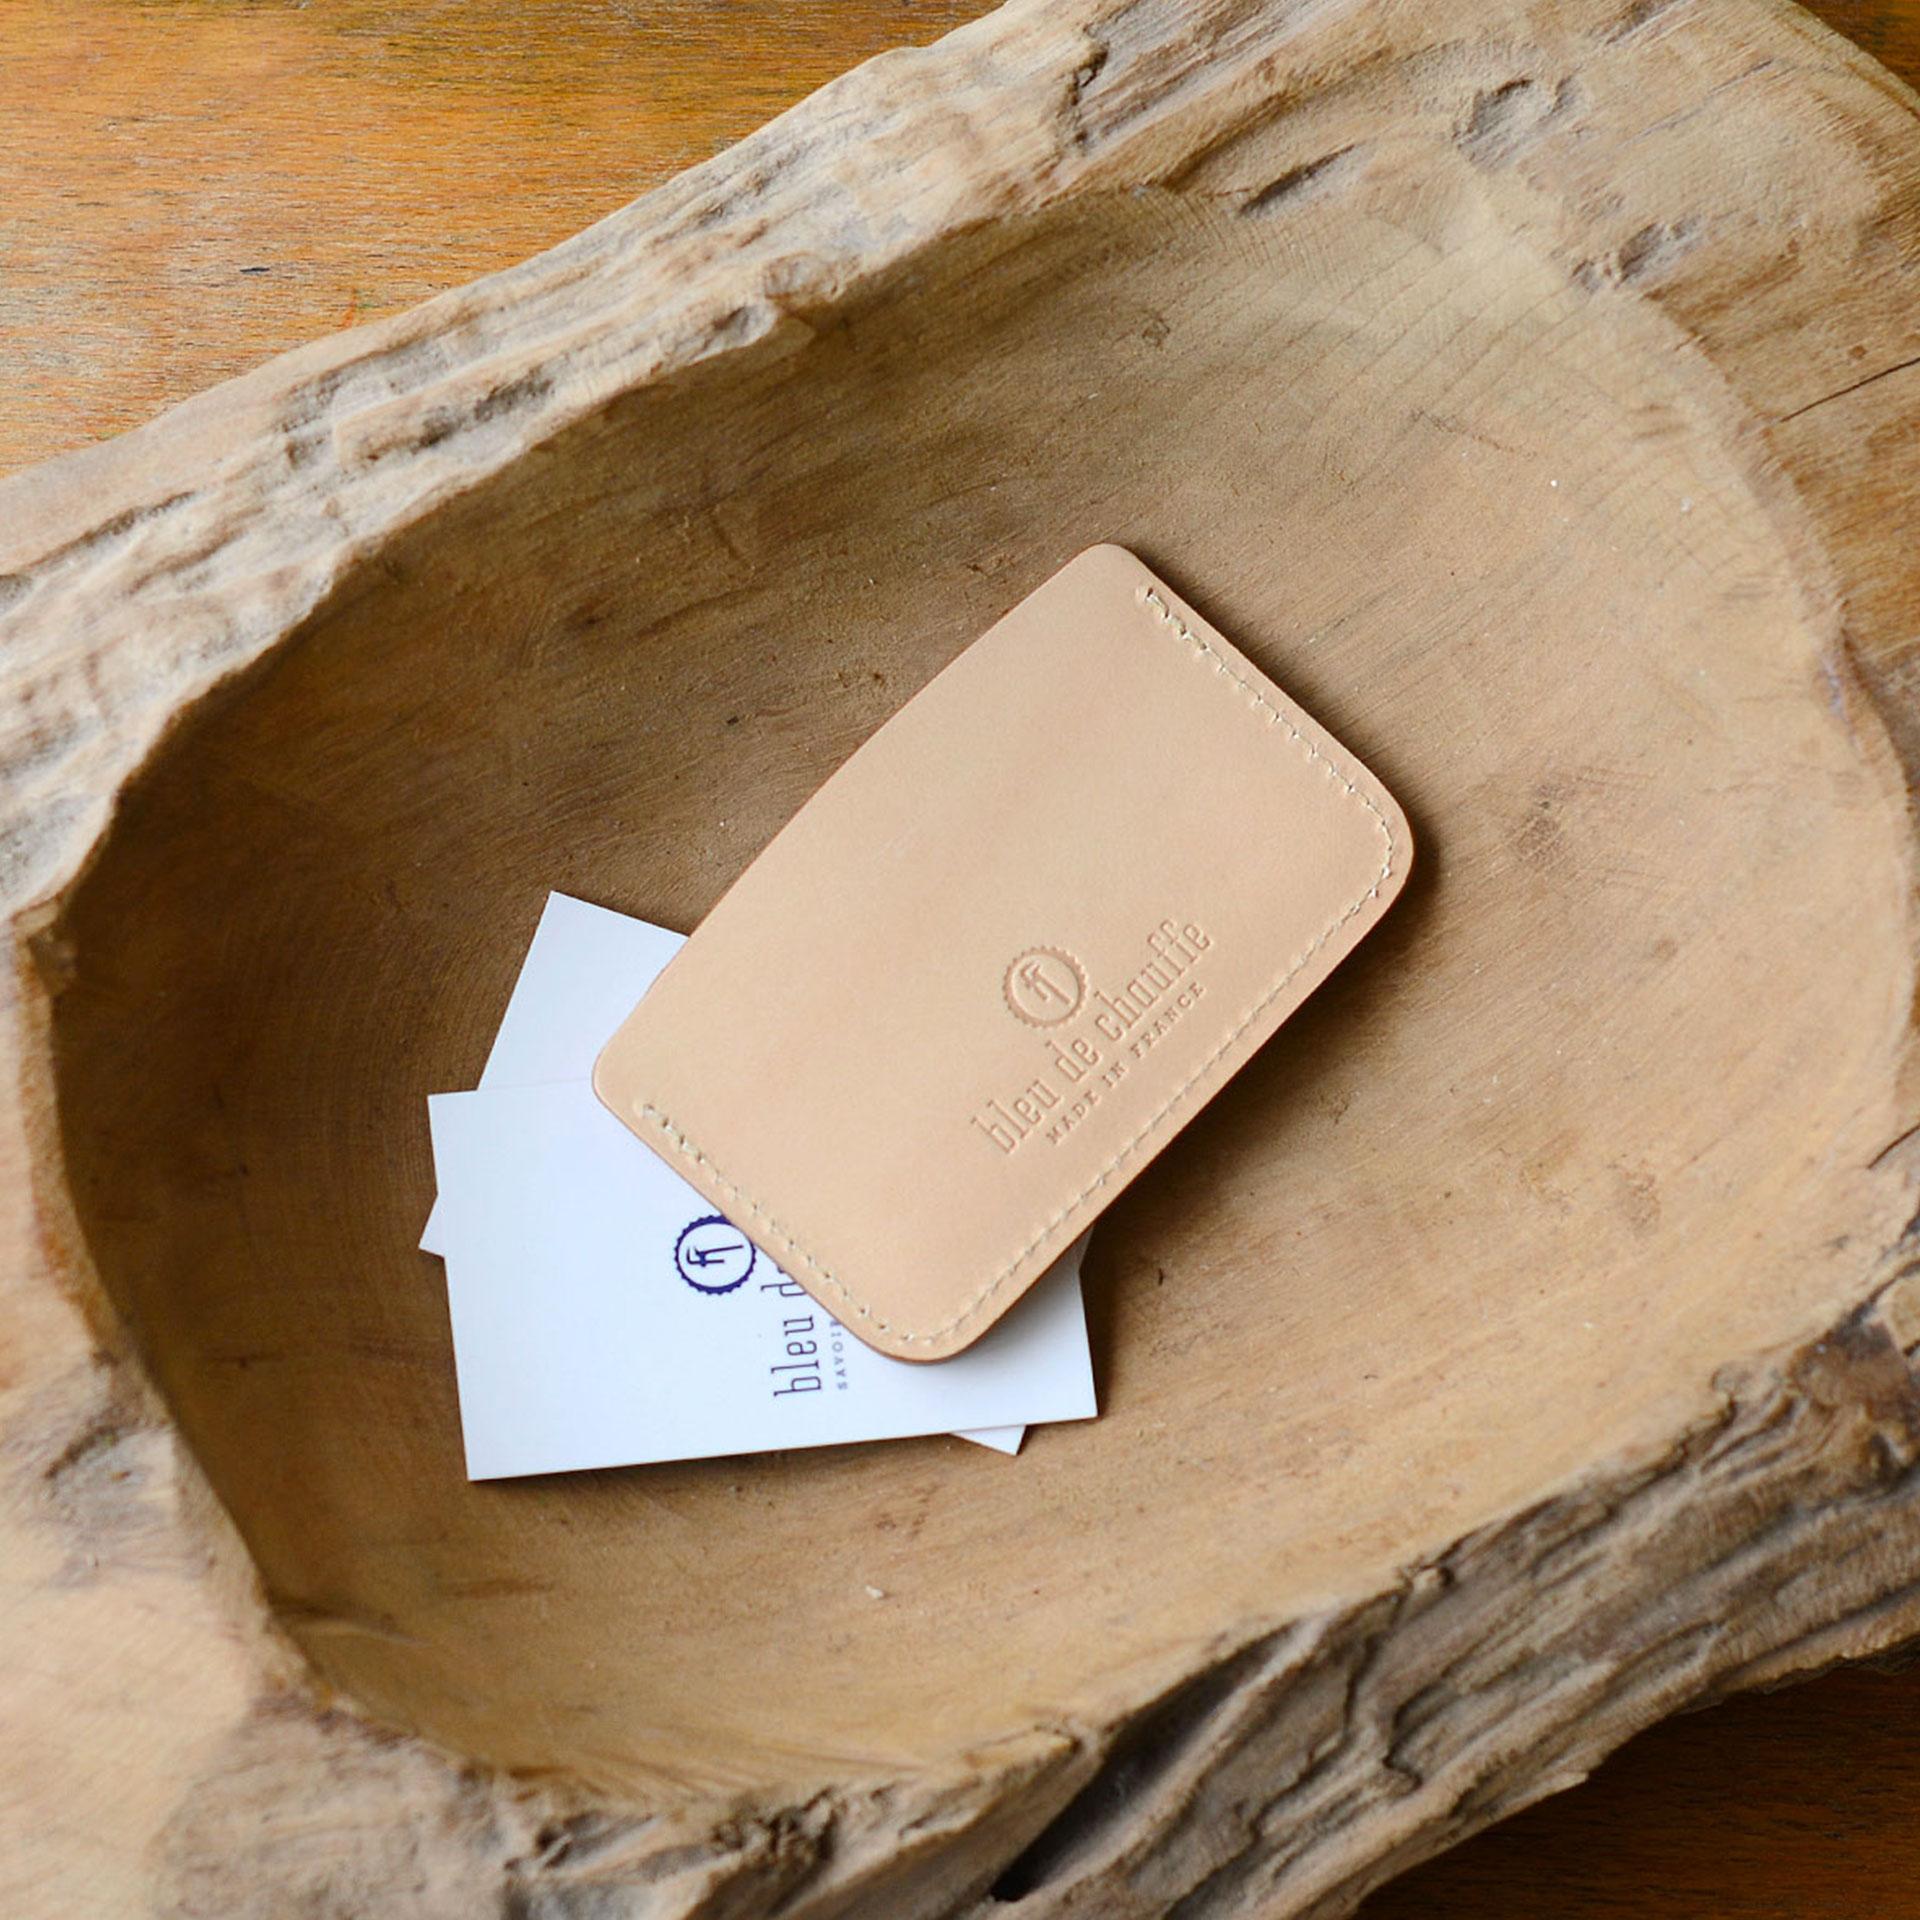 Porte cartes Visamex - Naturel (image n°3)